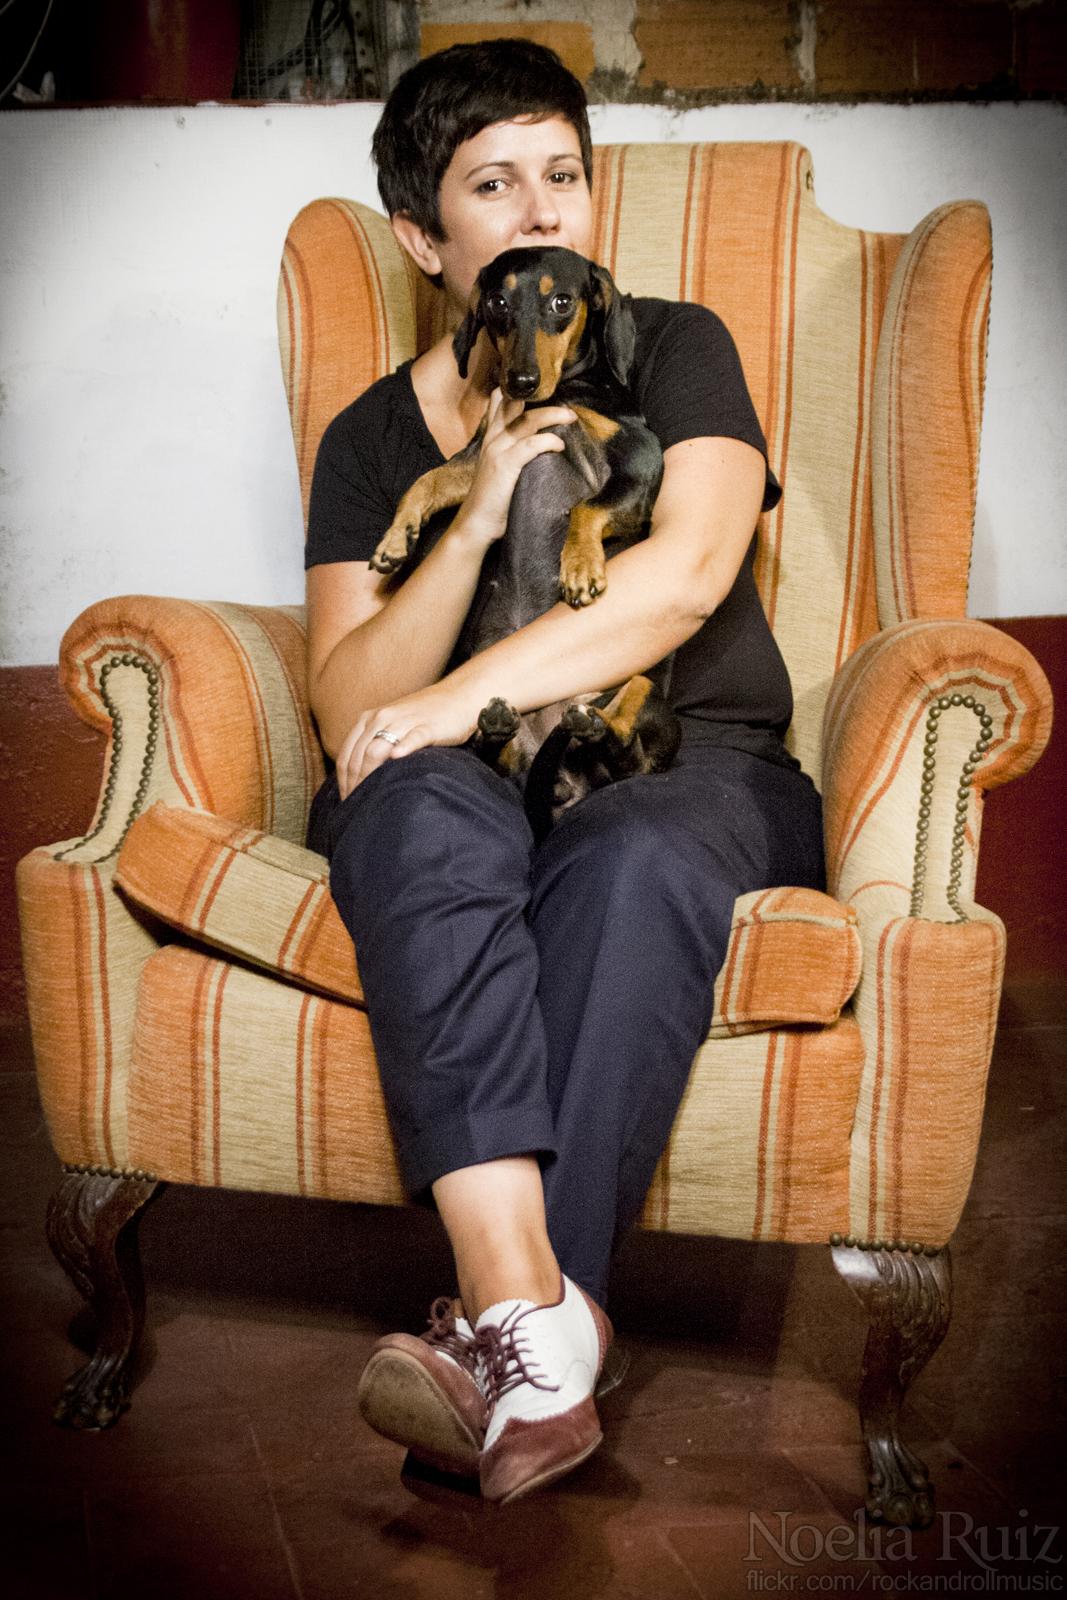 Olga Ruiz en una sesión de fotos promocional de El Extrarradio | Fuente: Noelia Ruiz